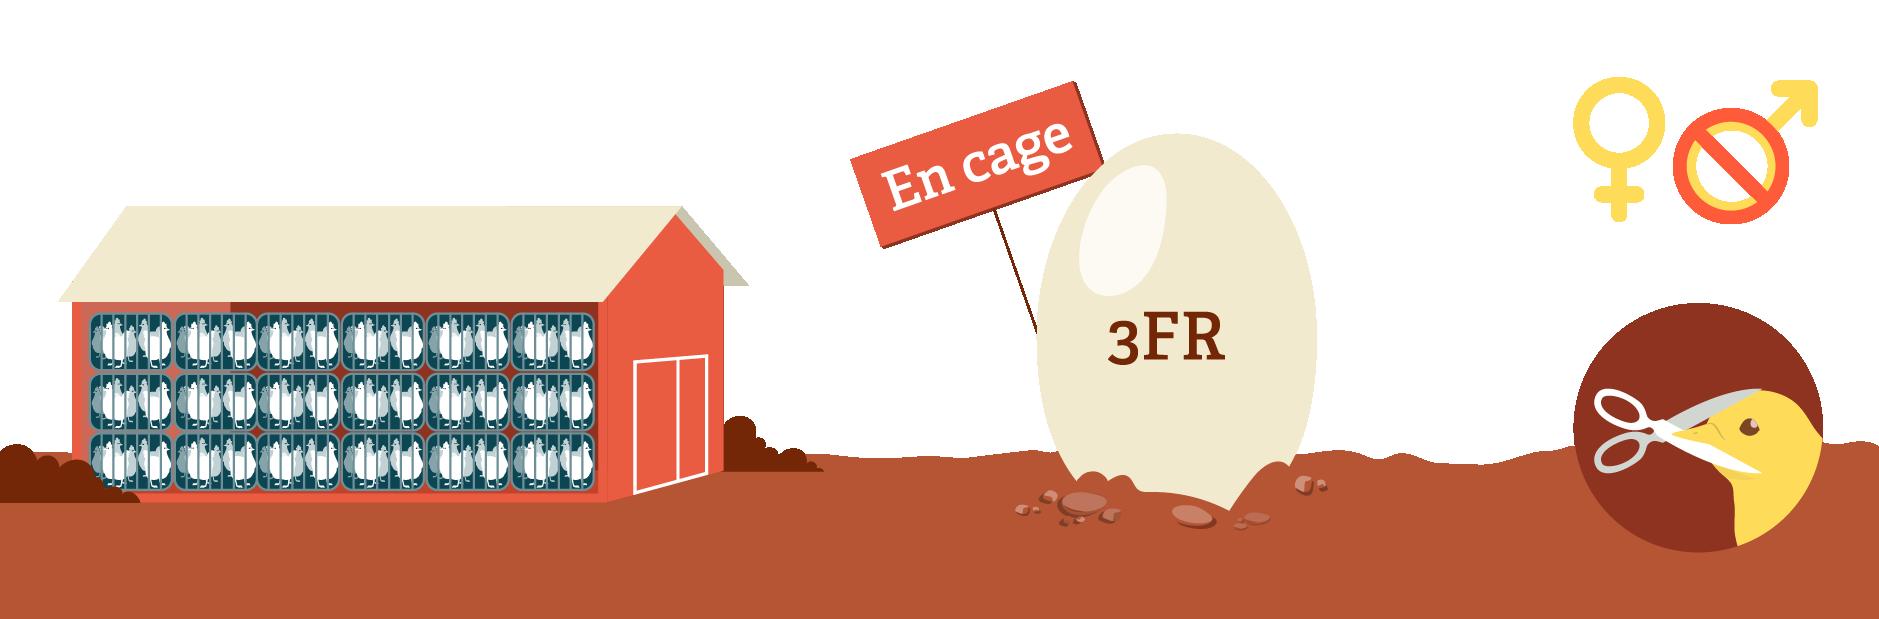 Code 3 : en cage